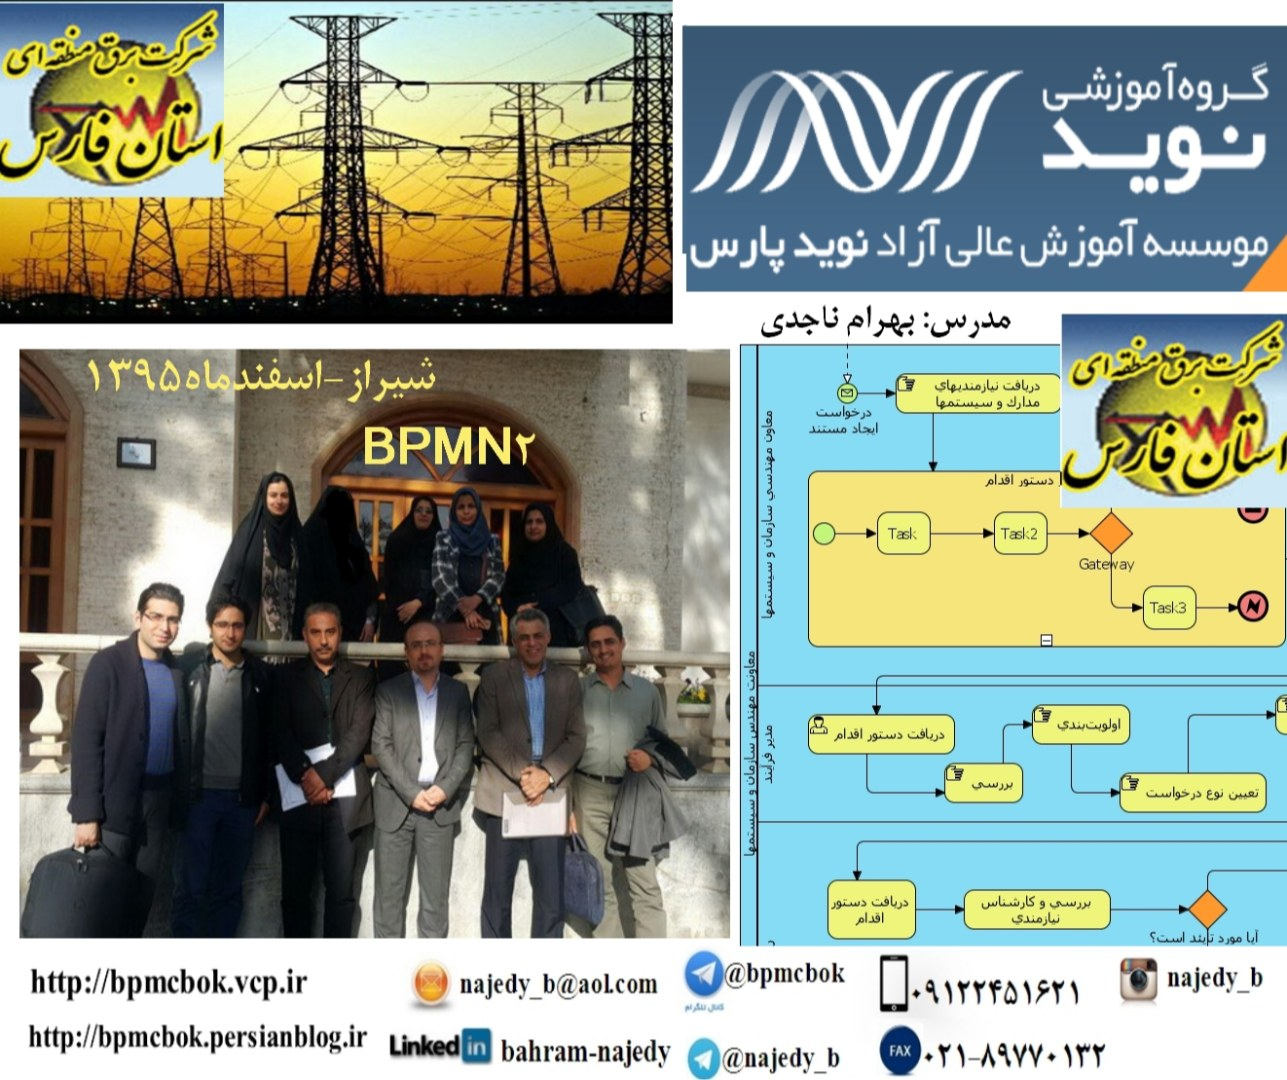 شیراز-گروه آموزشی نوید پارس-شرکت برق منطقهای استان فارس